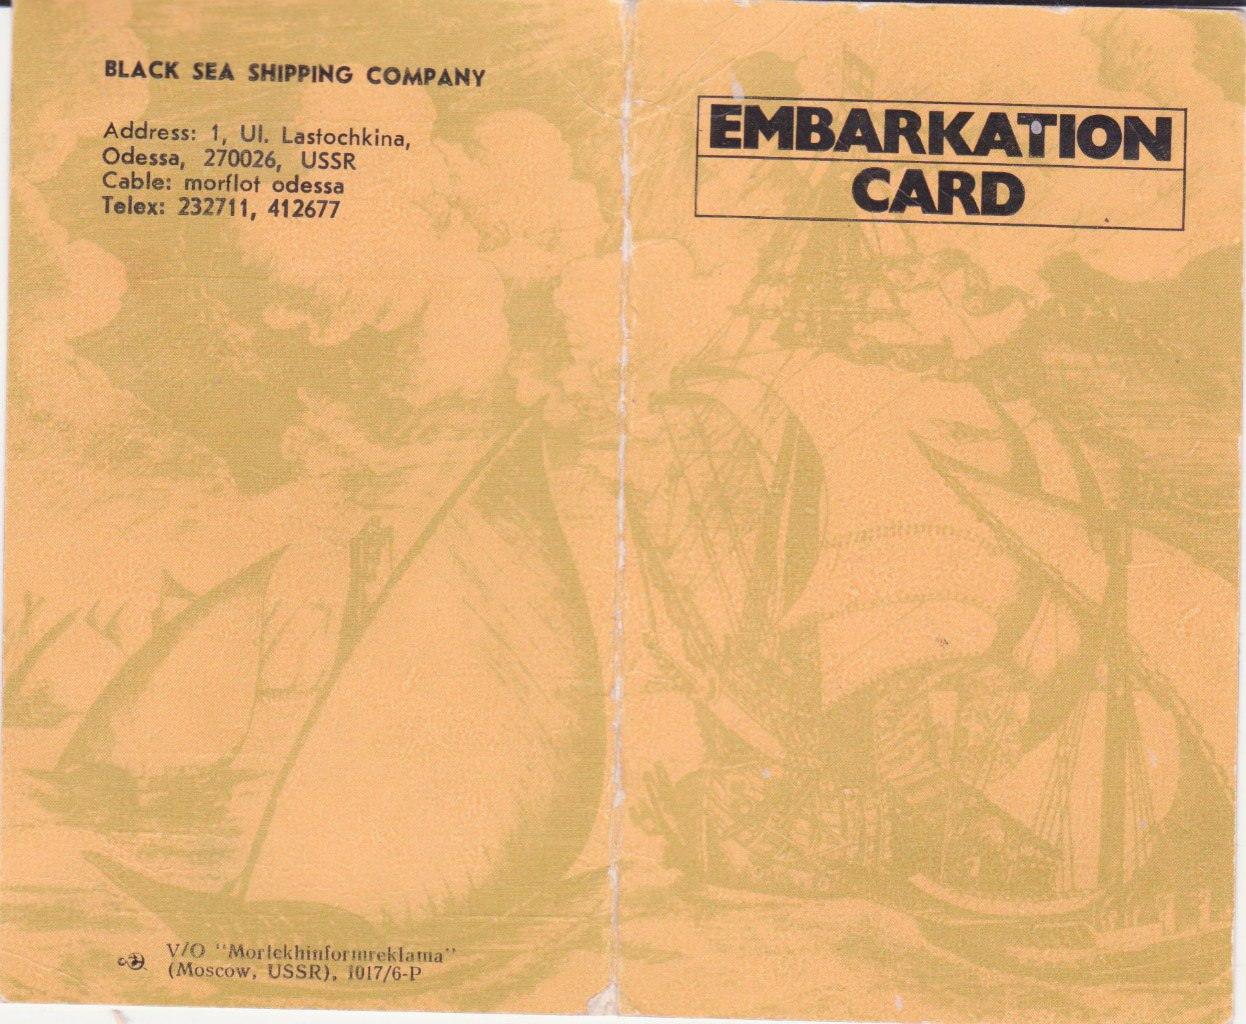 1991. Посадочный талон «Иван Франко», титуальная сторона